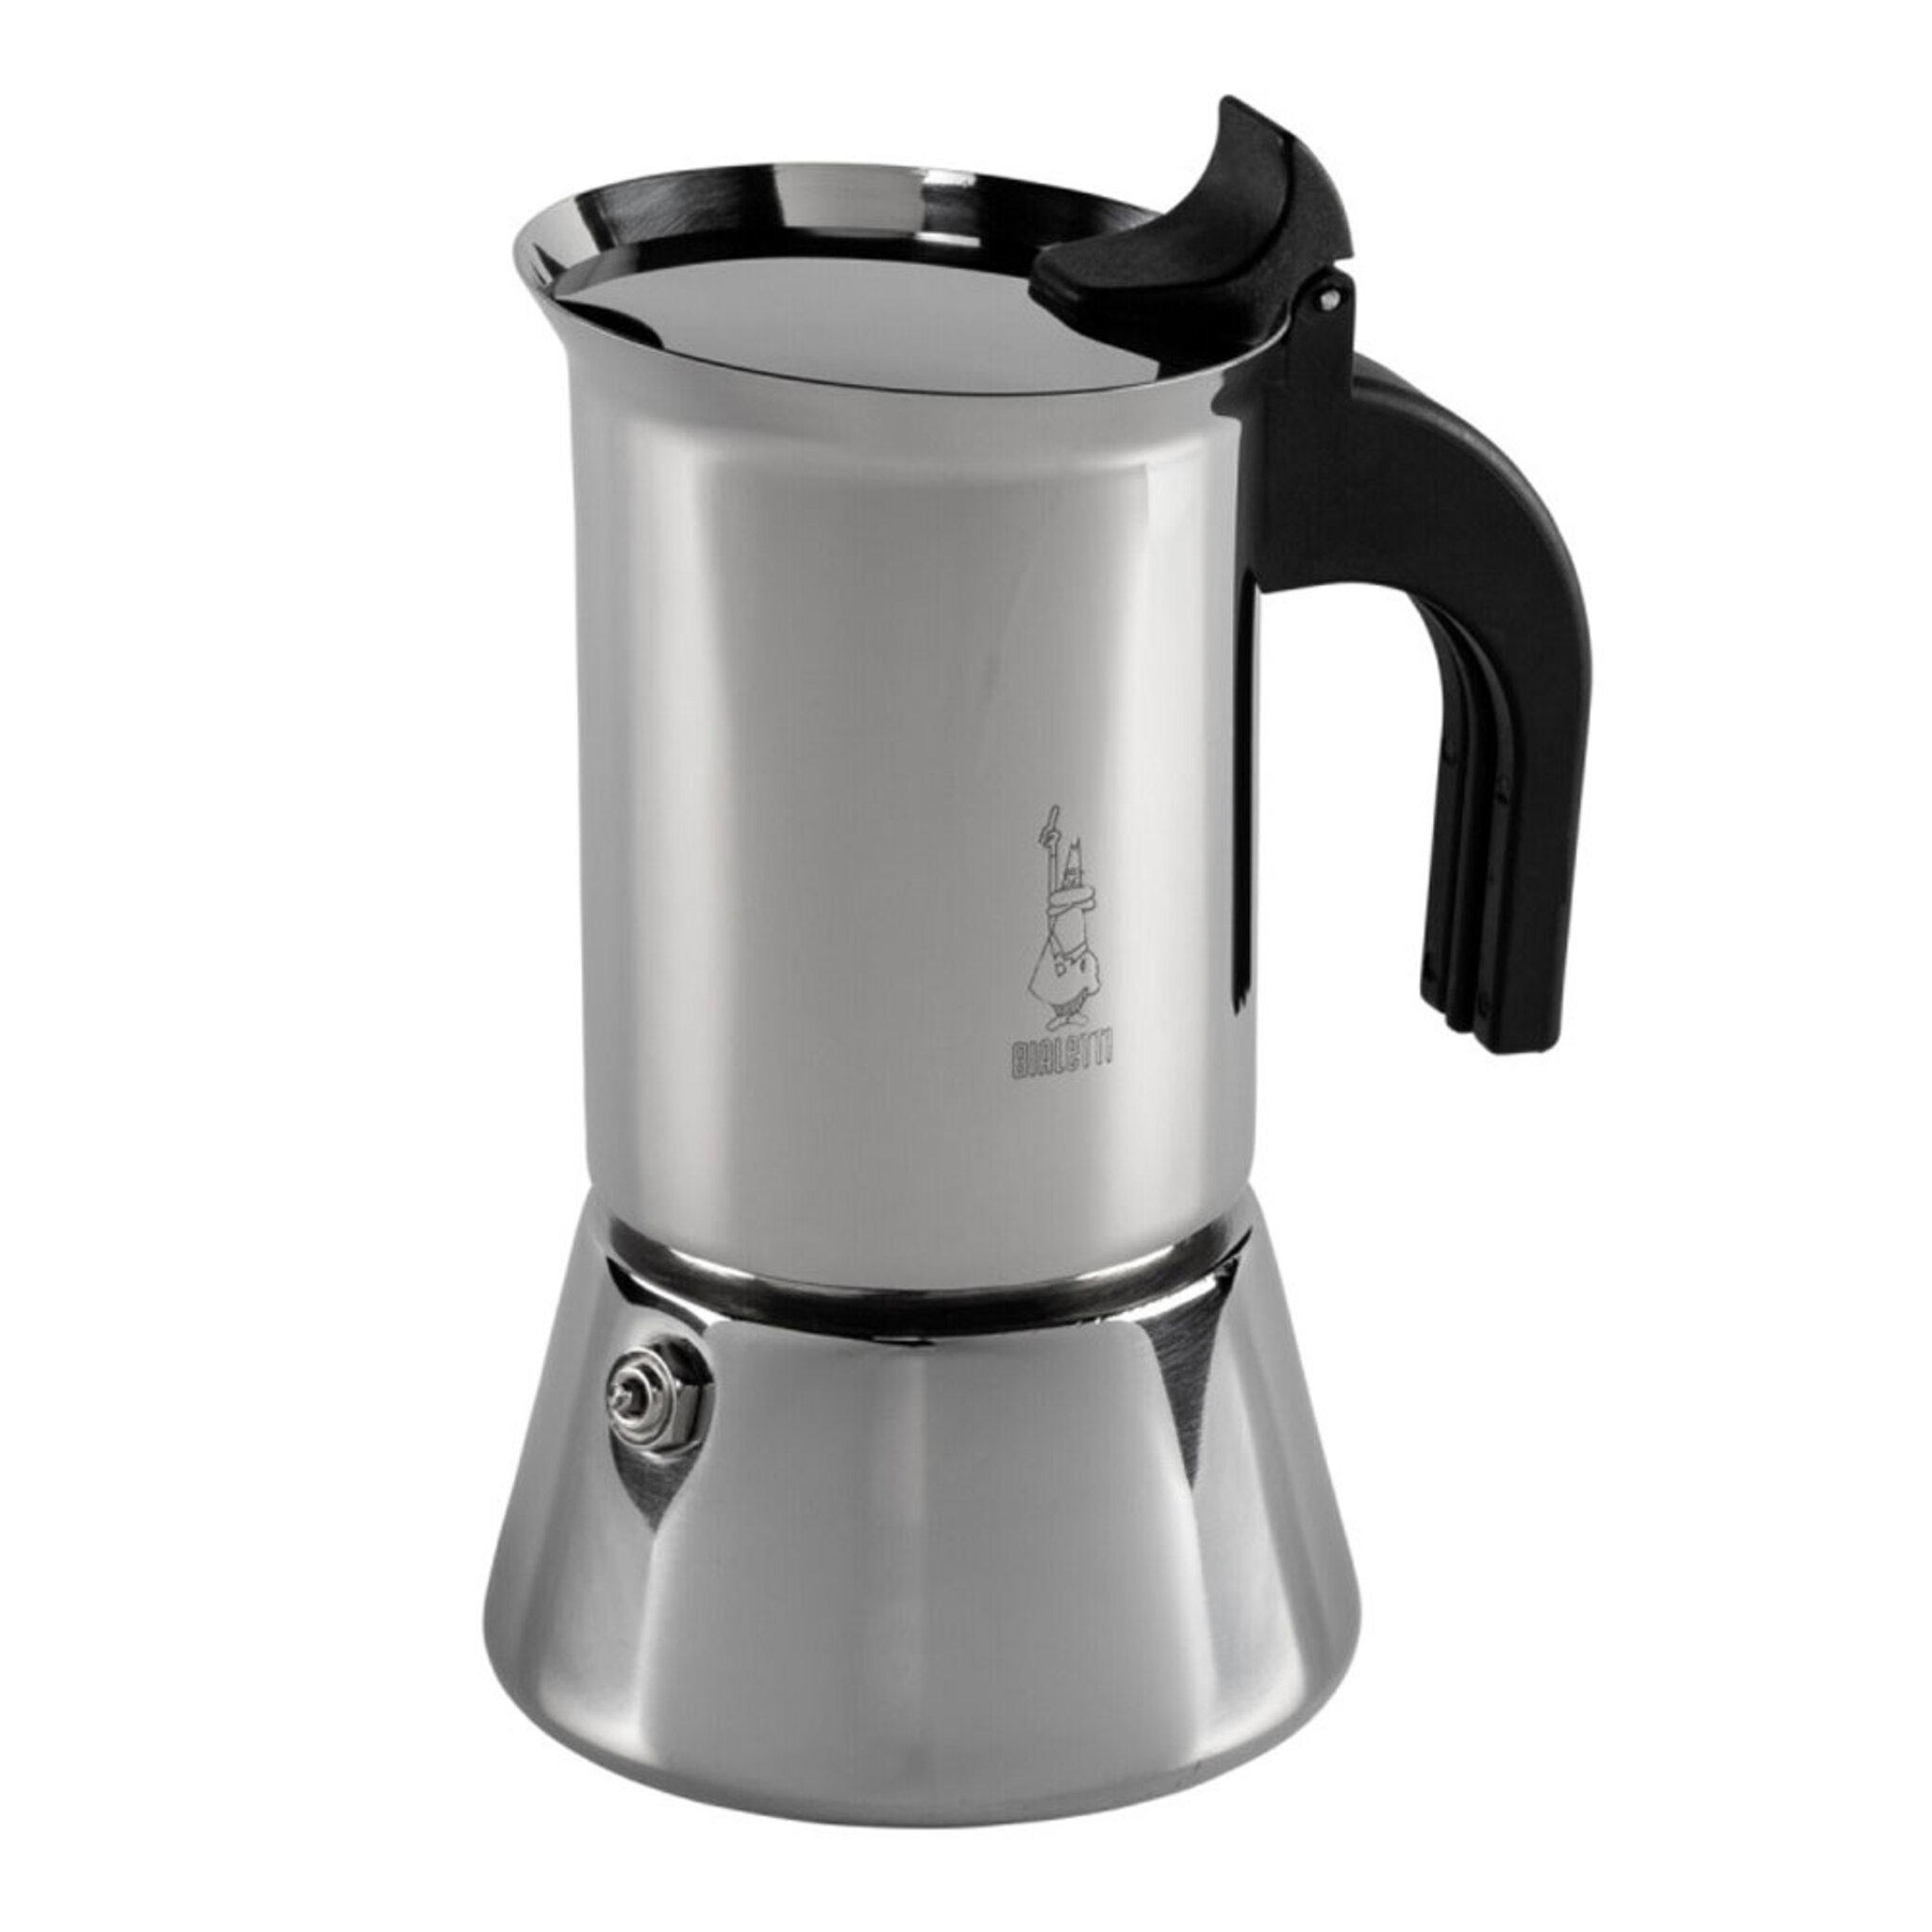 Kaffekokare Venus - 4 koppar, 230ML